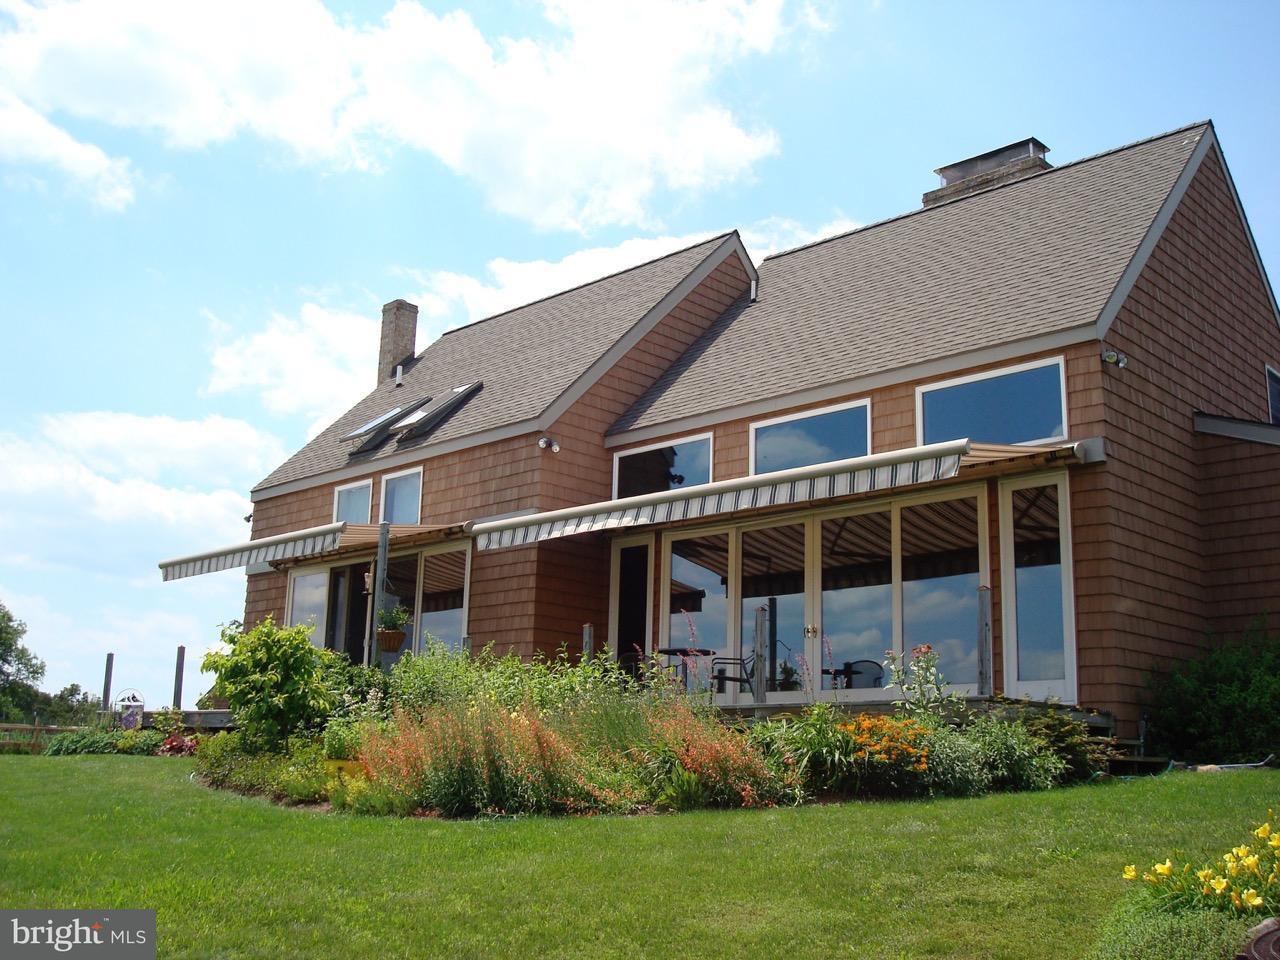 獨棟家庭住宅 為 出售 在 842 HESS RD S 842 HESS RD S Needmore, 賓夕法尼亞州 17238 美國